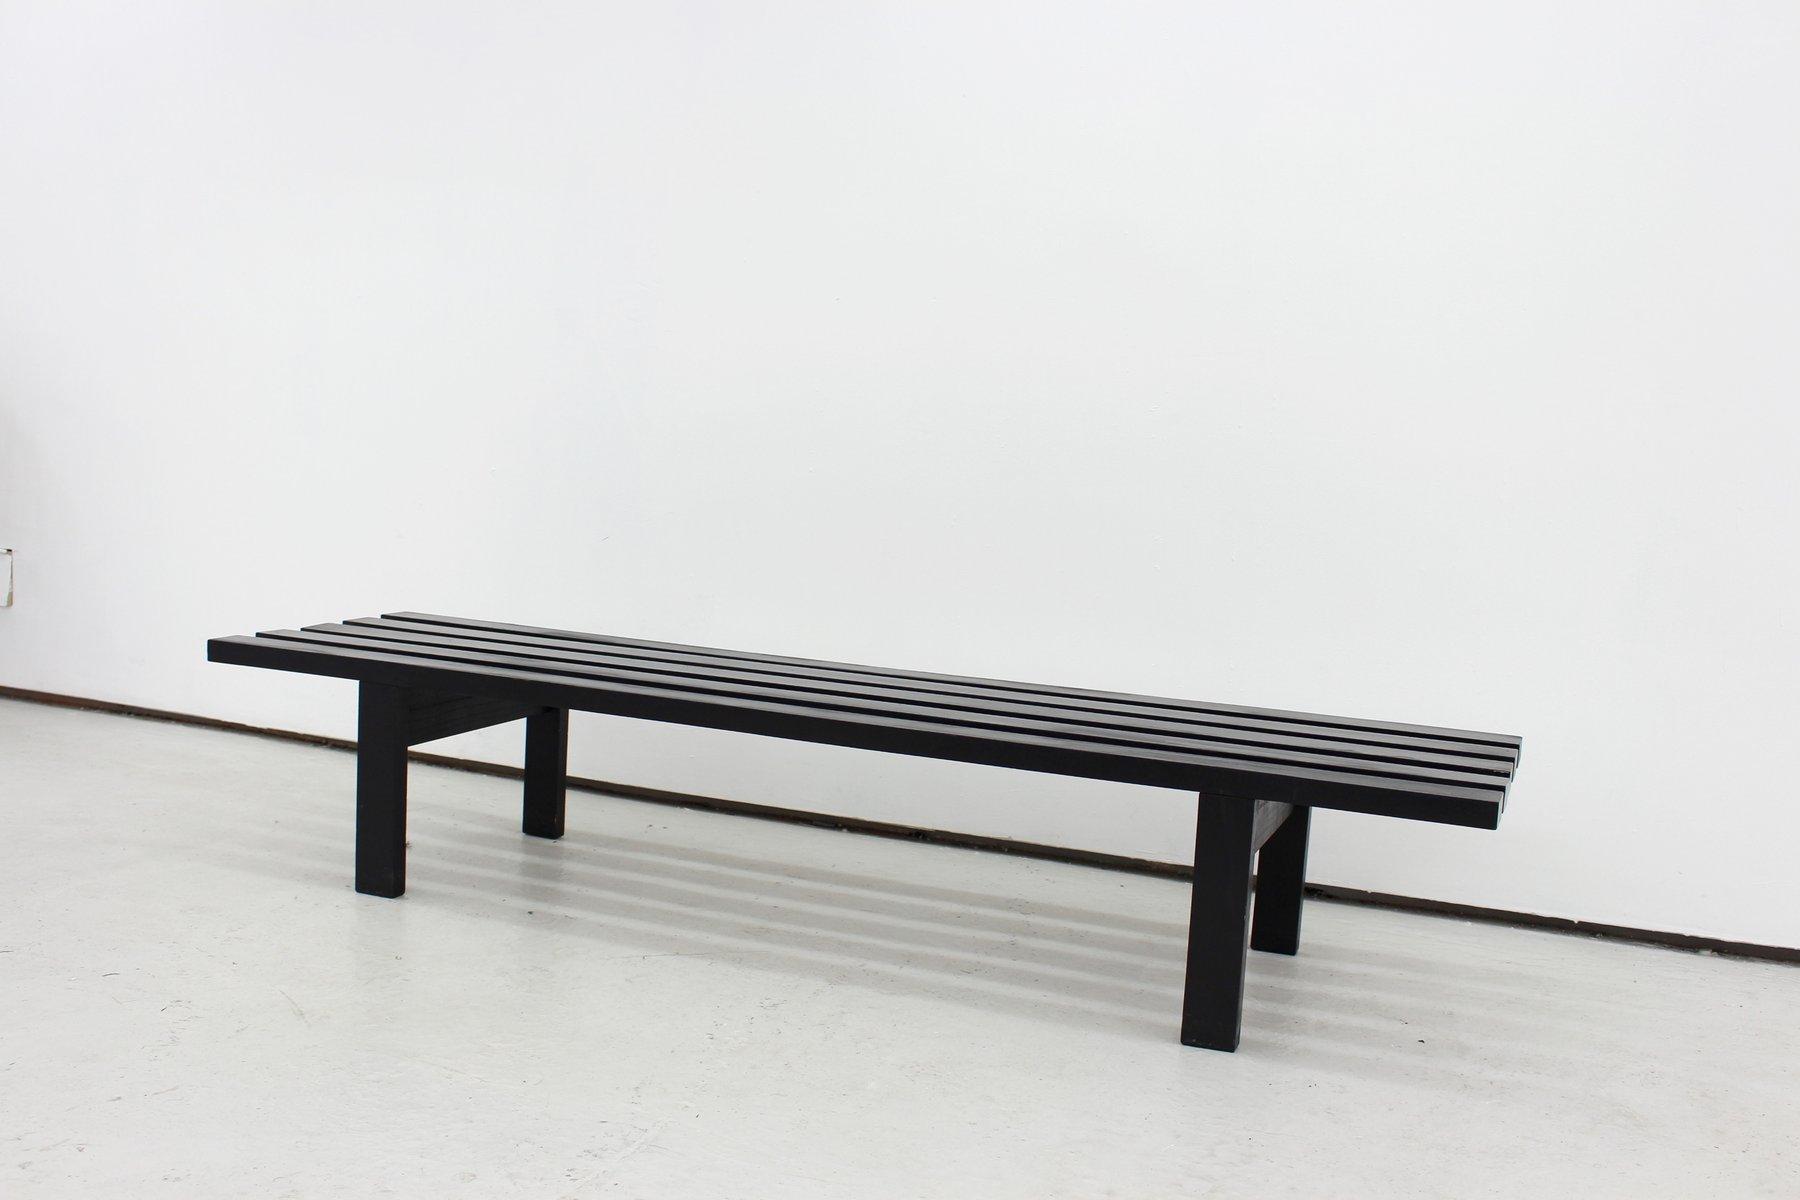 BZ71 Slatted Bench by Martin Visser for t Spectrum 1960s for